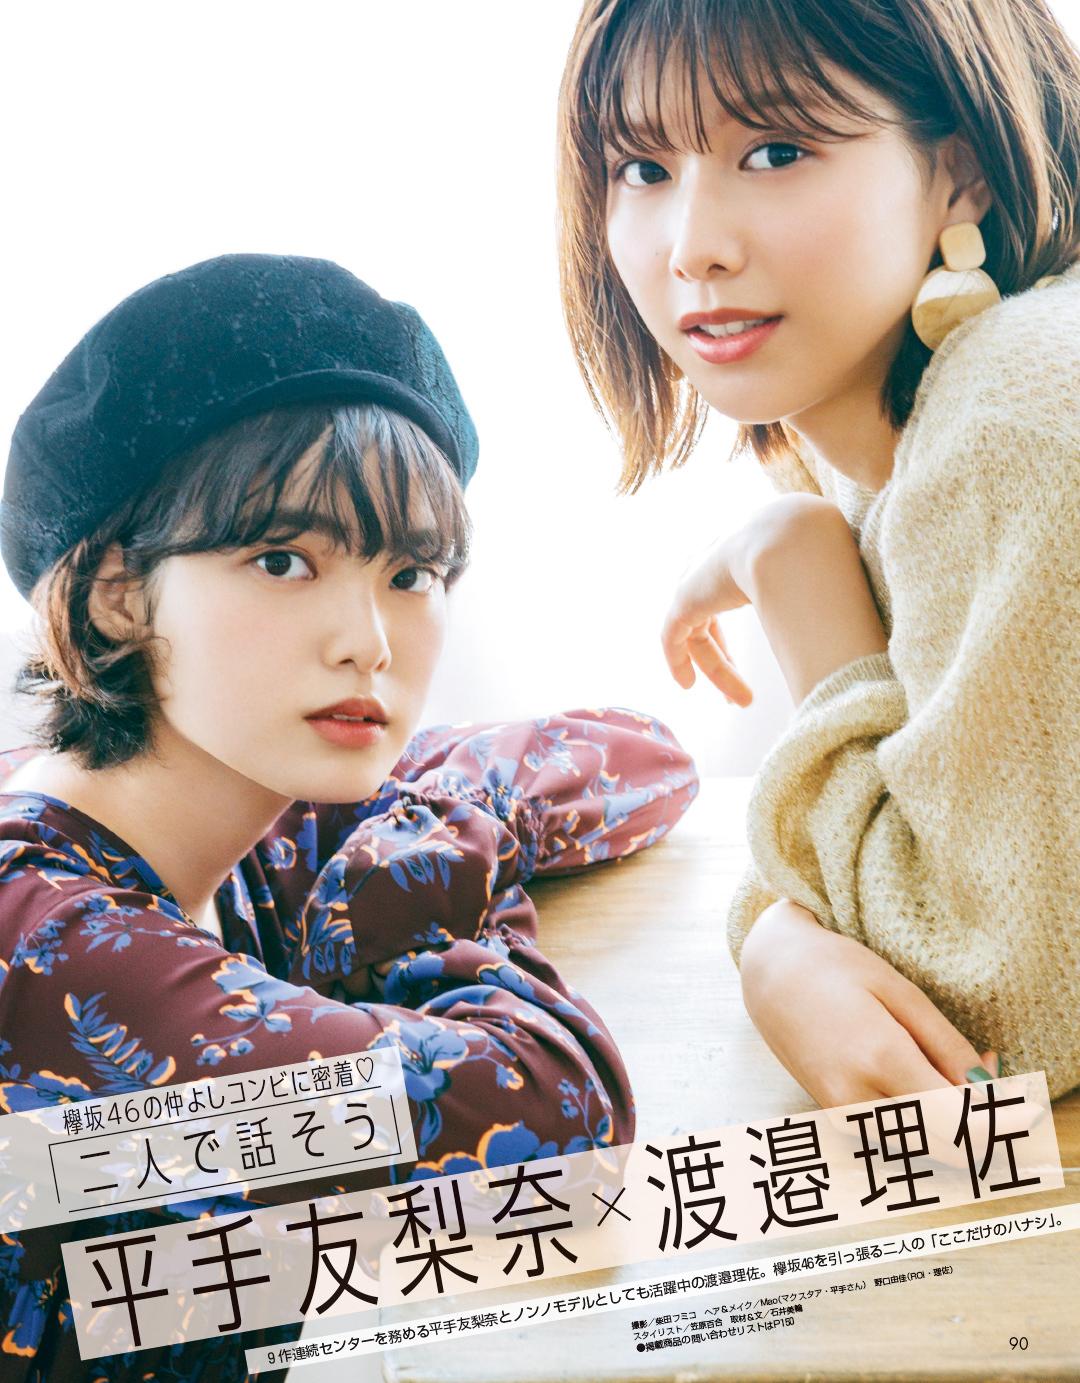 欅坂46の仲よしコンビに密着♡ 二人で話そう平手友梨奈×渡邉理佐